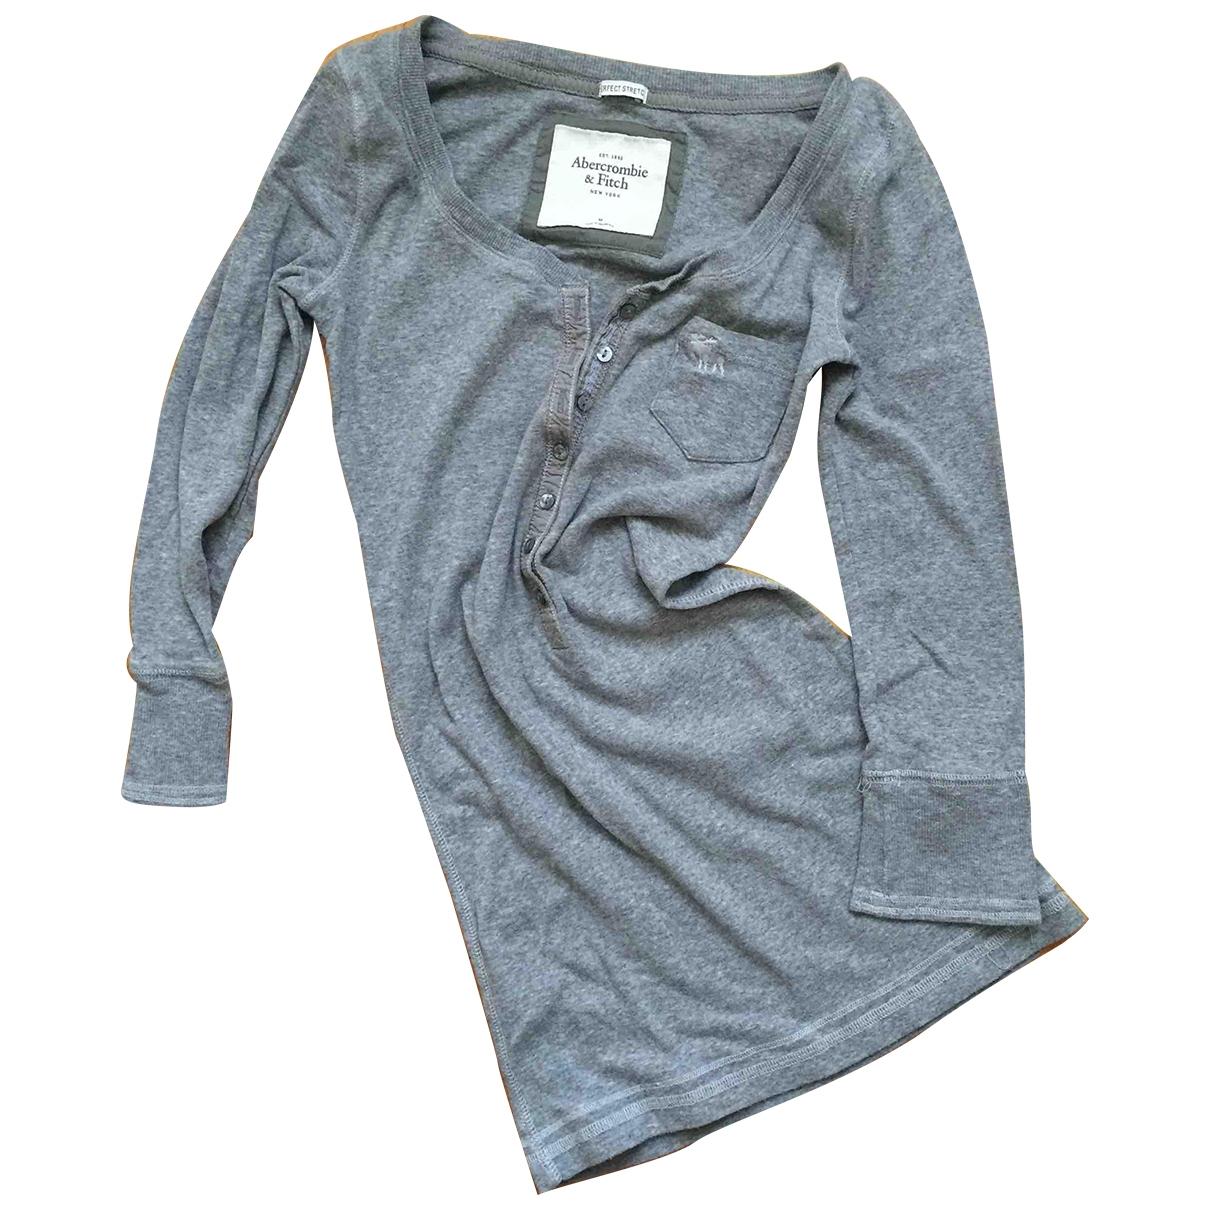 Abercrombie & Fitch - Top   pour femme en coton - gris